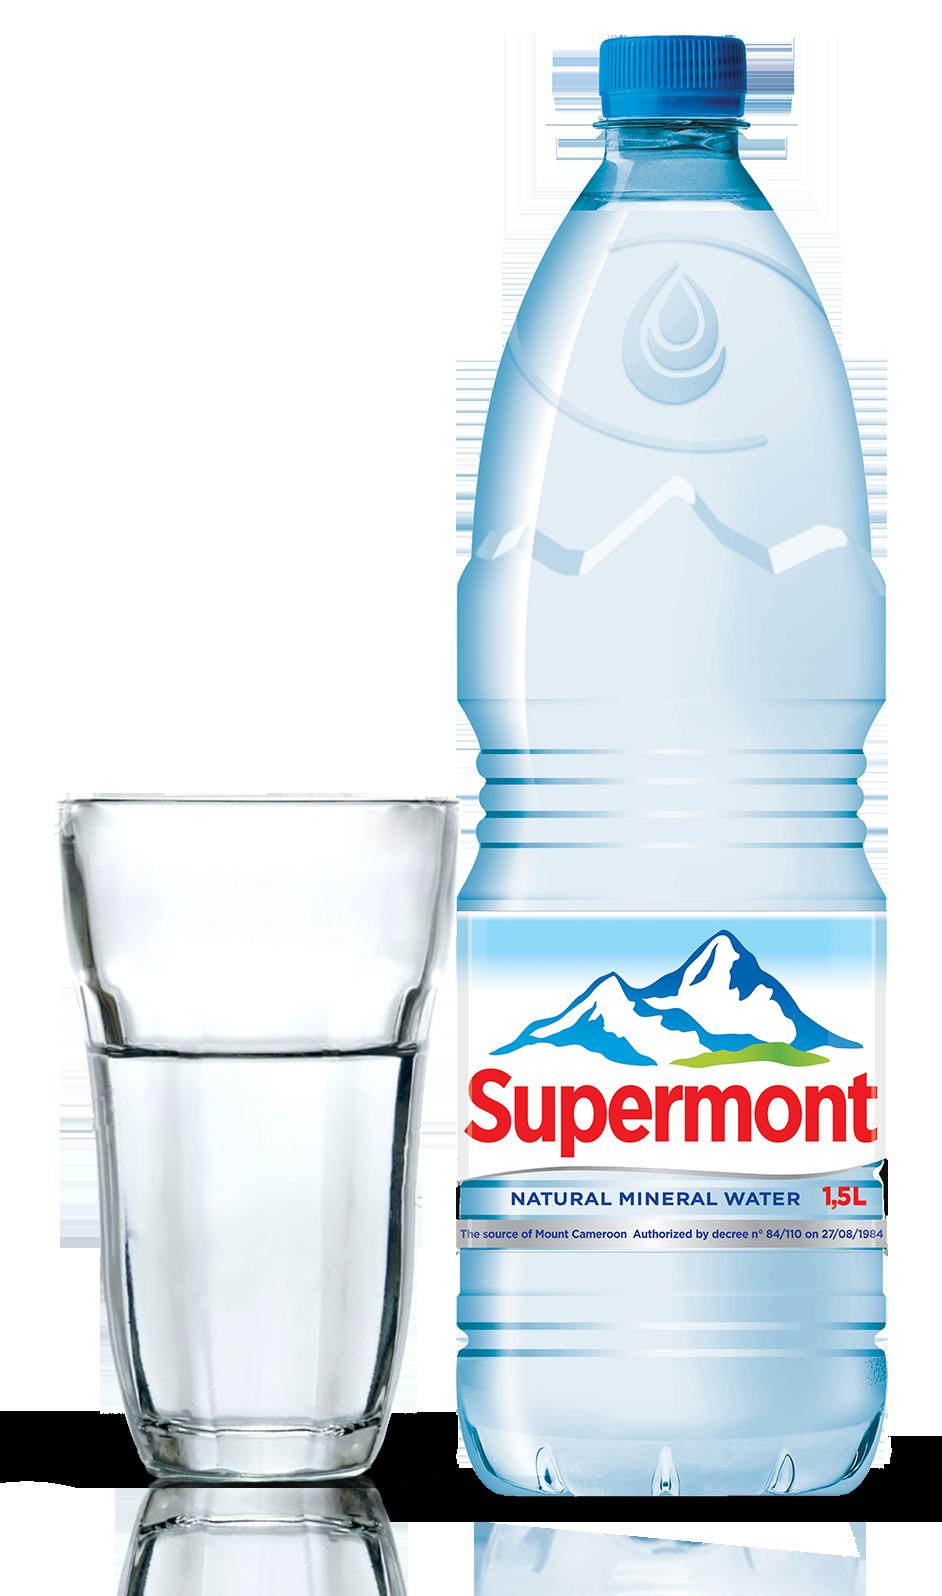 bouteille supermont